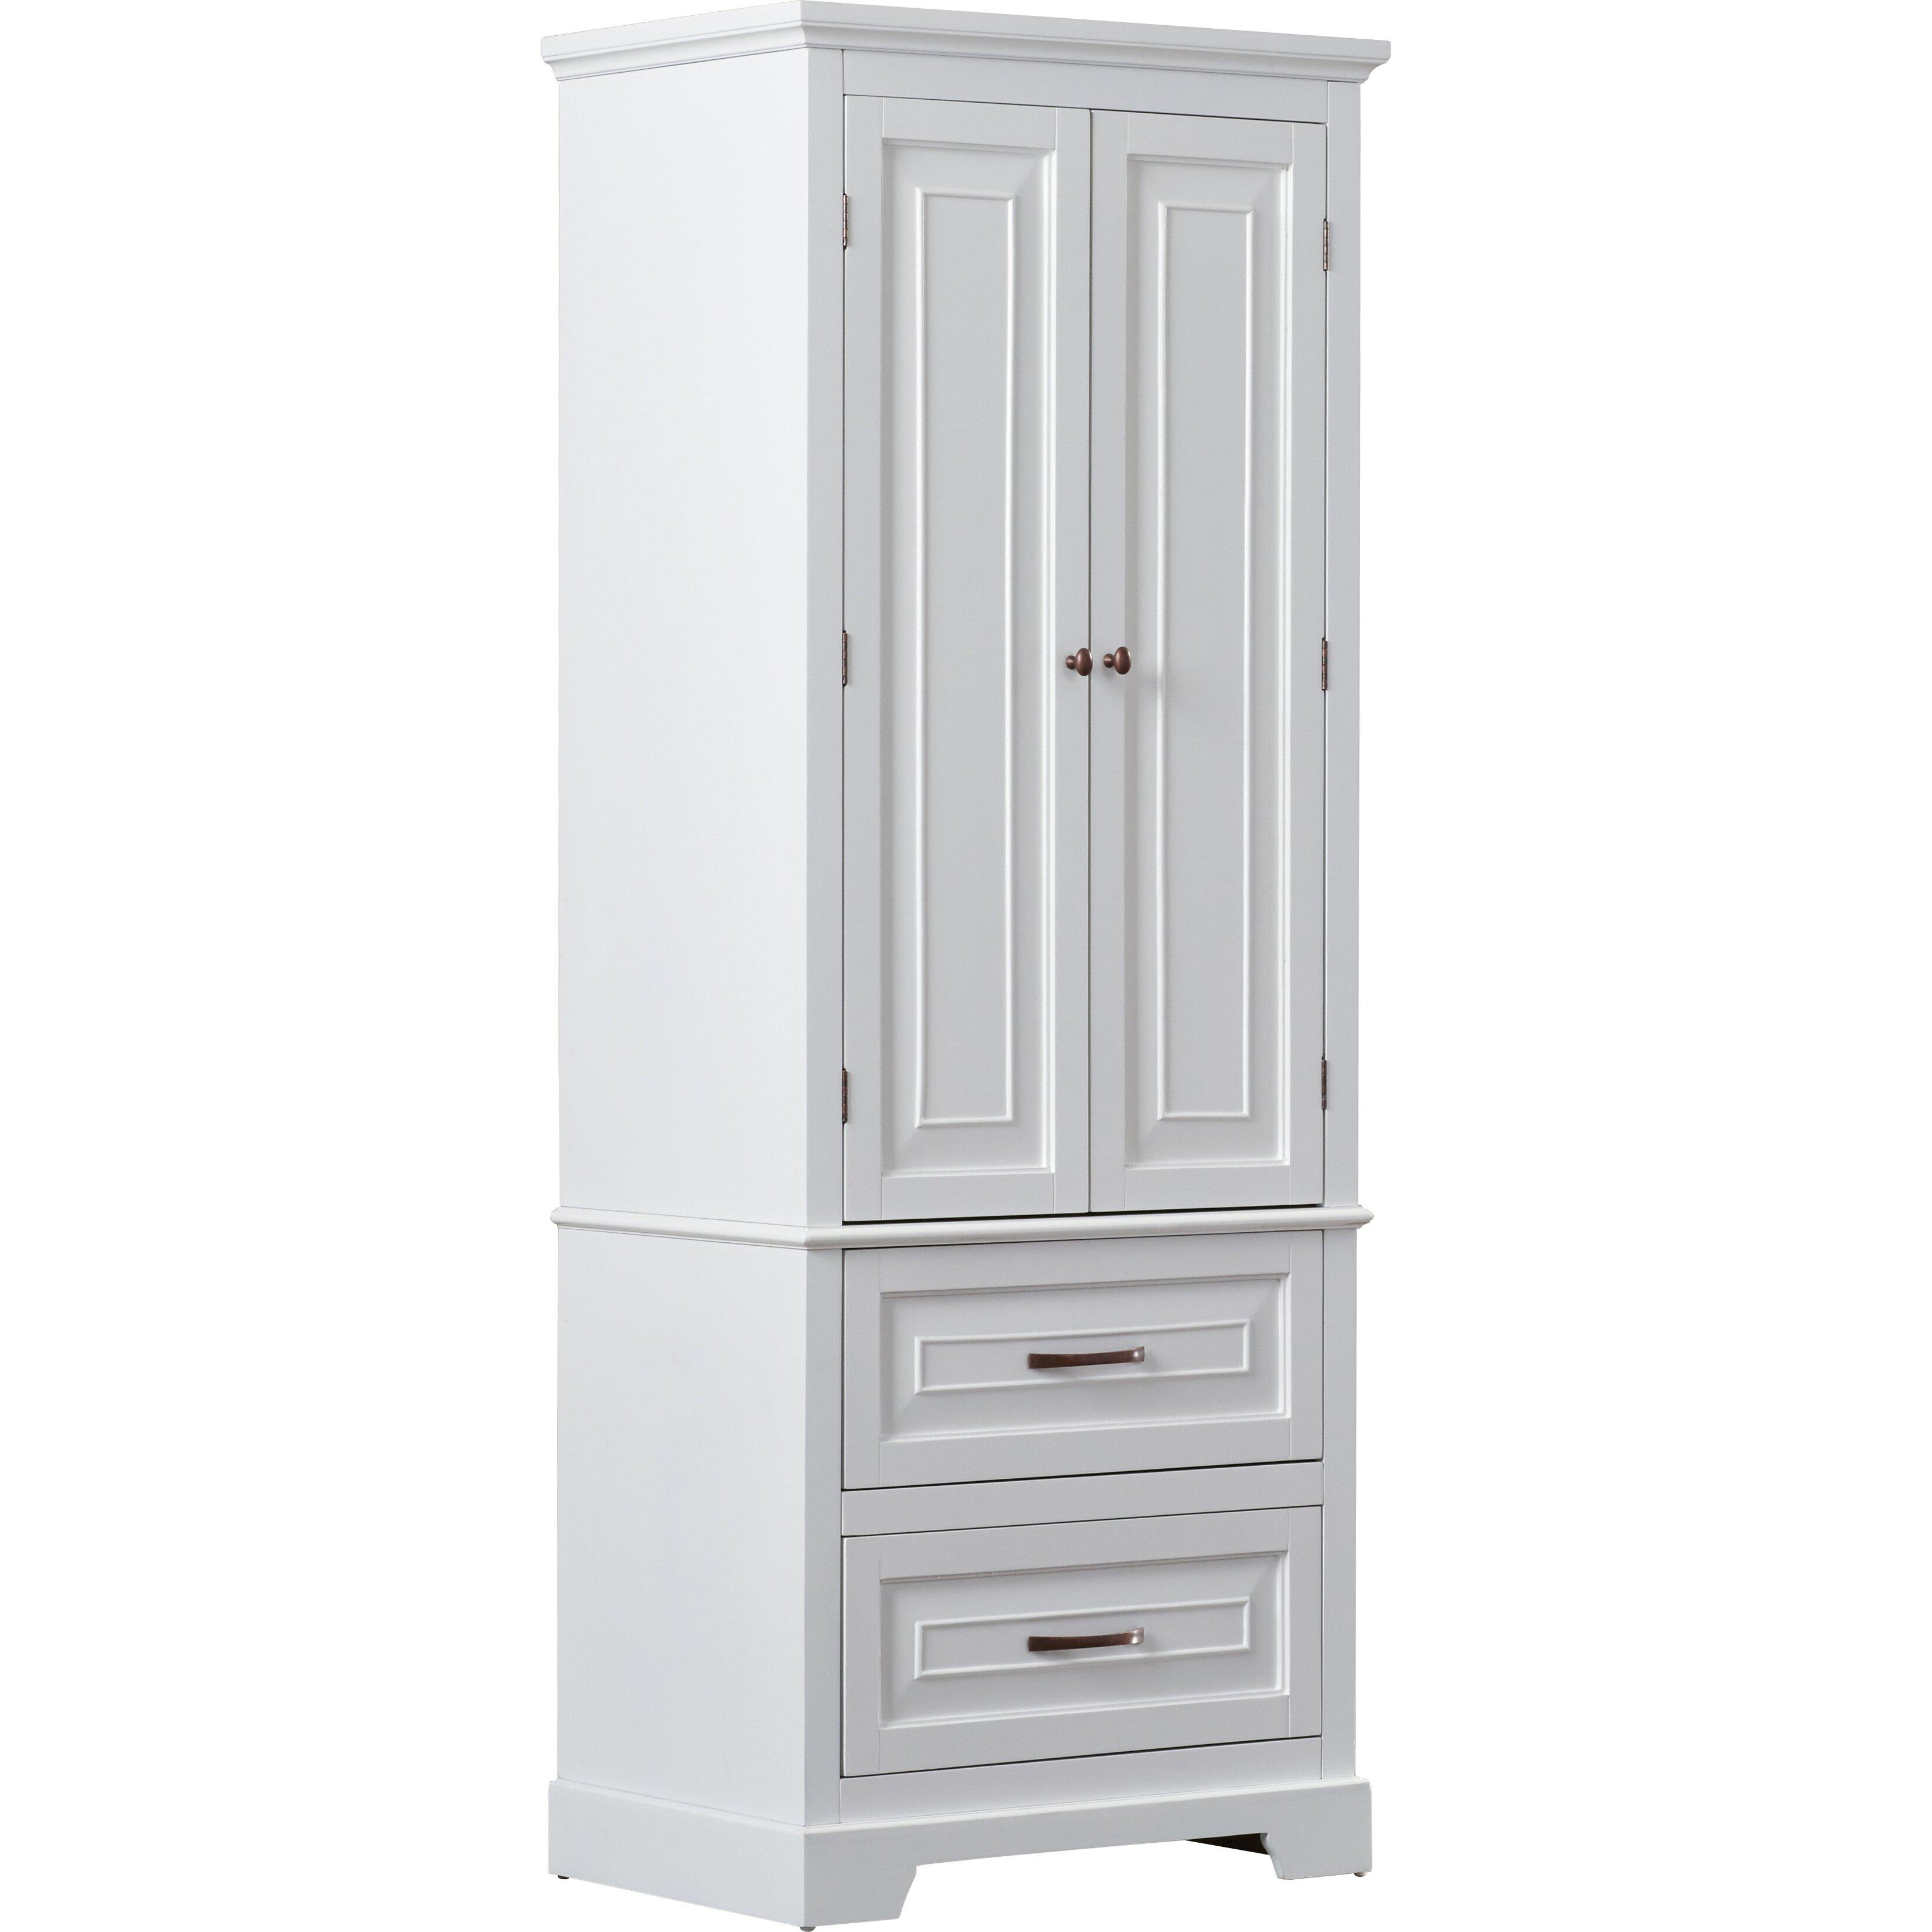 Alcott Hill Prater 24 X 62 Free Standing Cabinet Reviews Wayfair